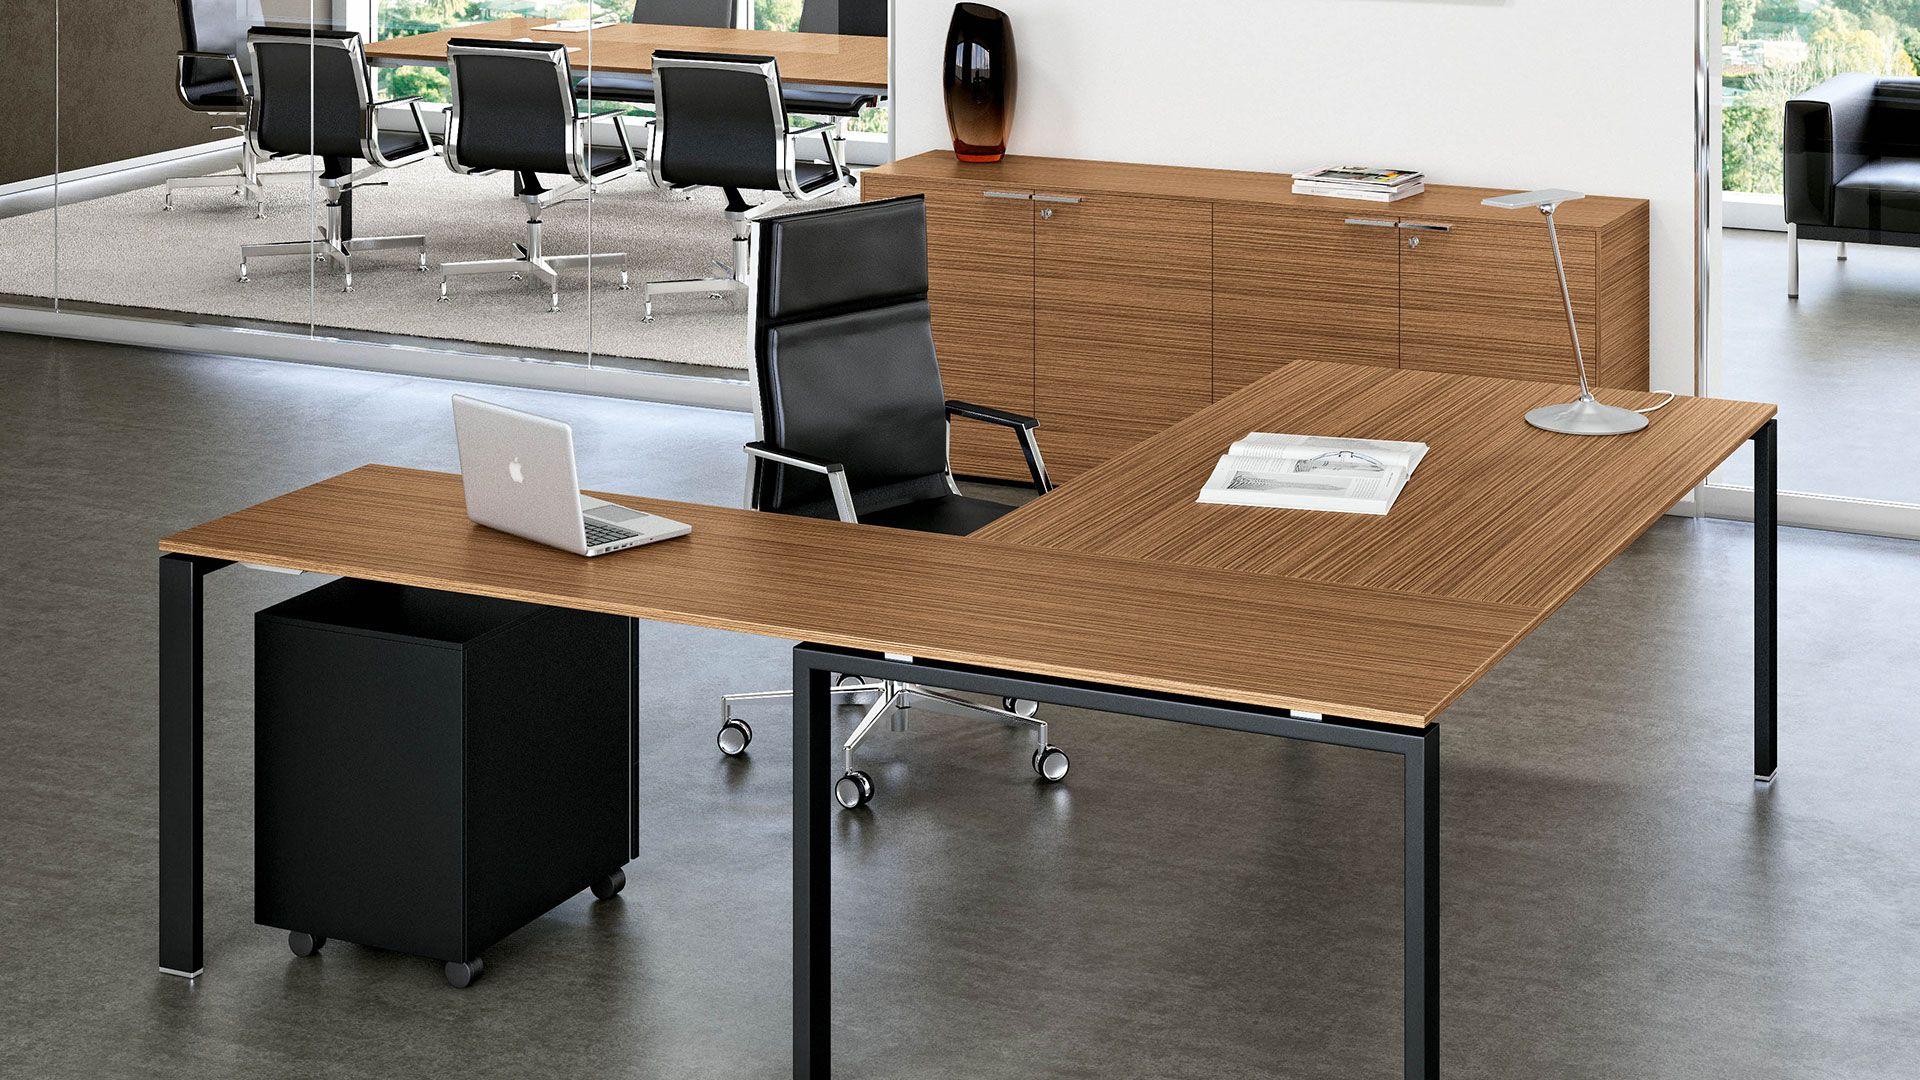 Chefschreibtisch winkelkombination chefbuero mit for Schreibtisch 200x100